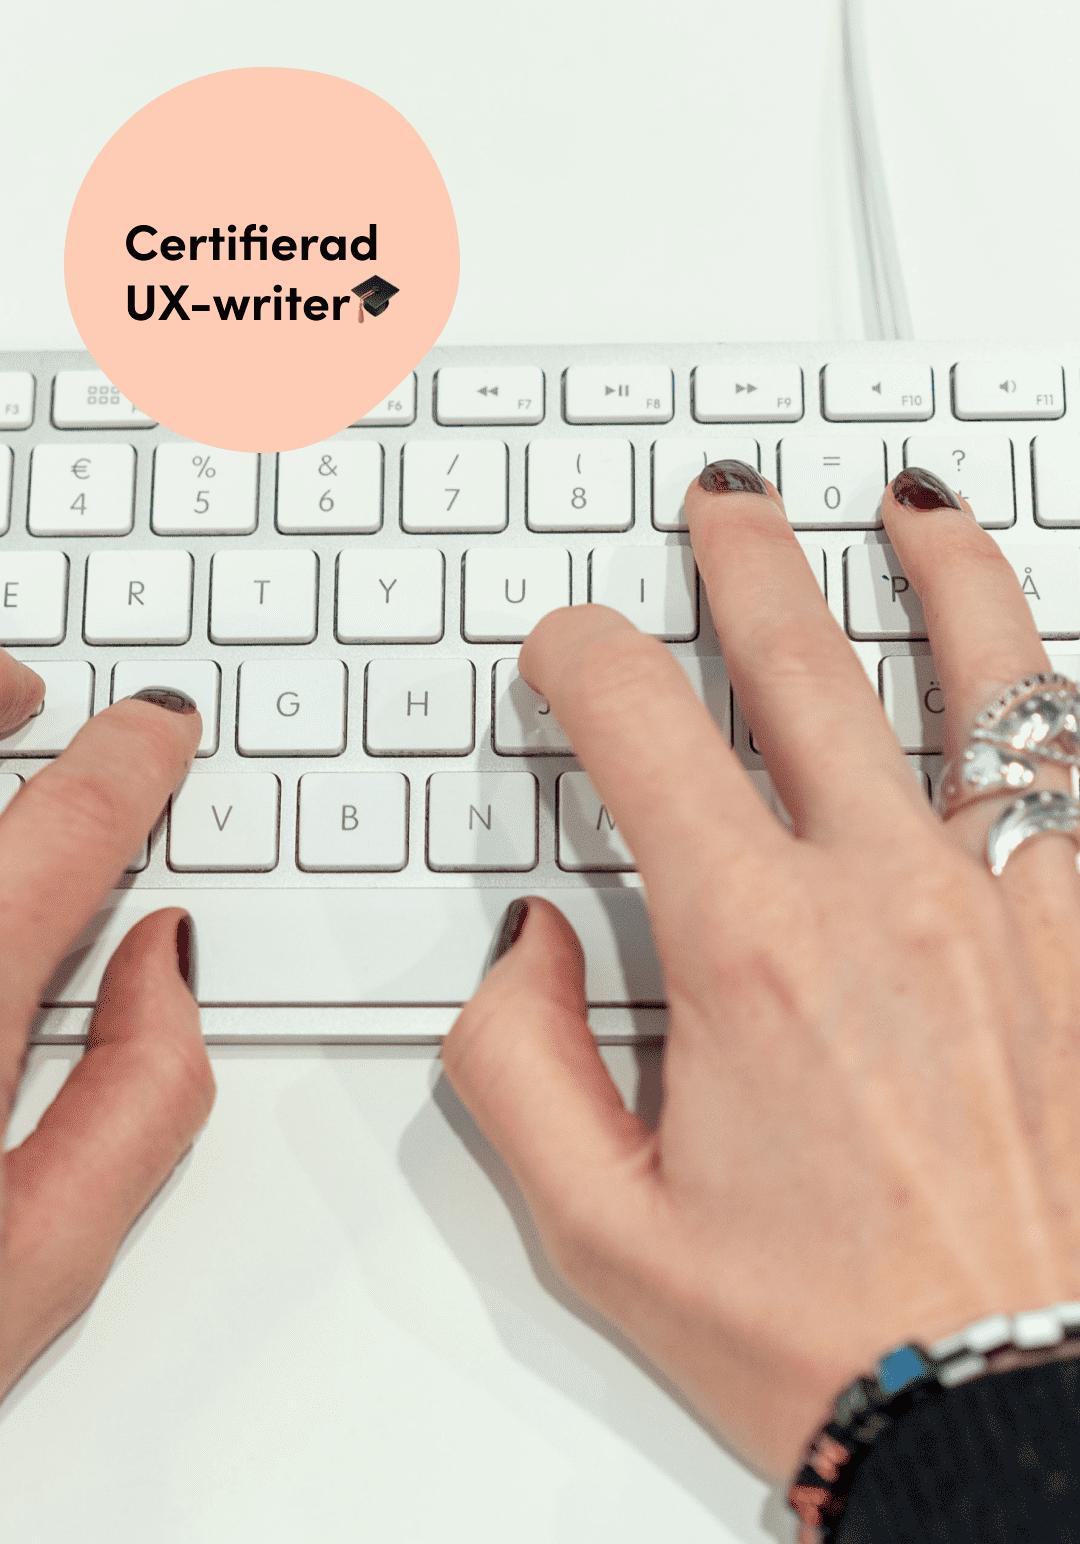 Pernilla Axelsson är certifierad UX-writer och hon skriver på ett tangentbord